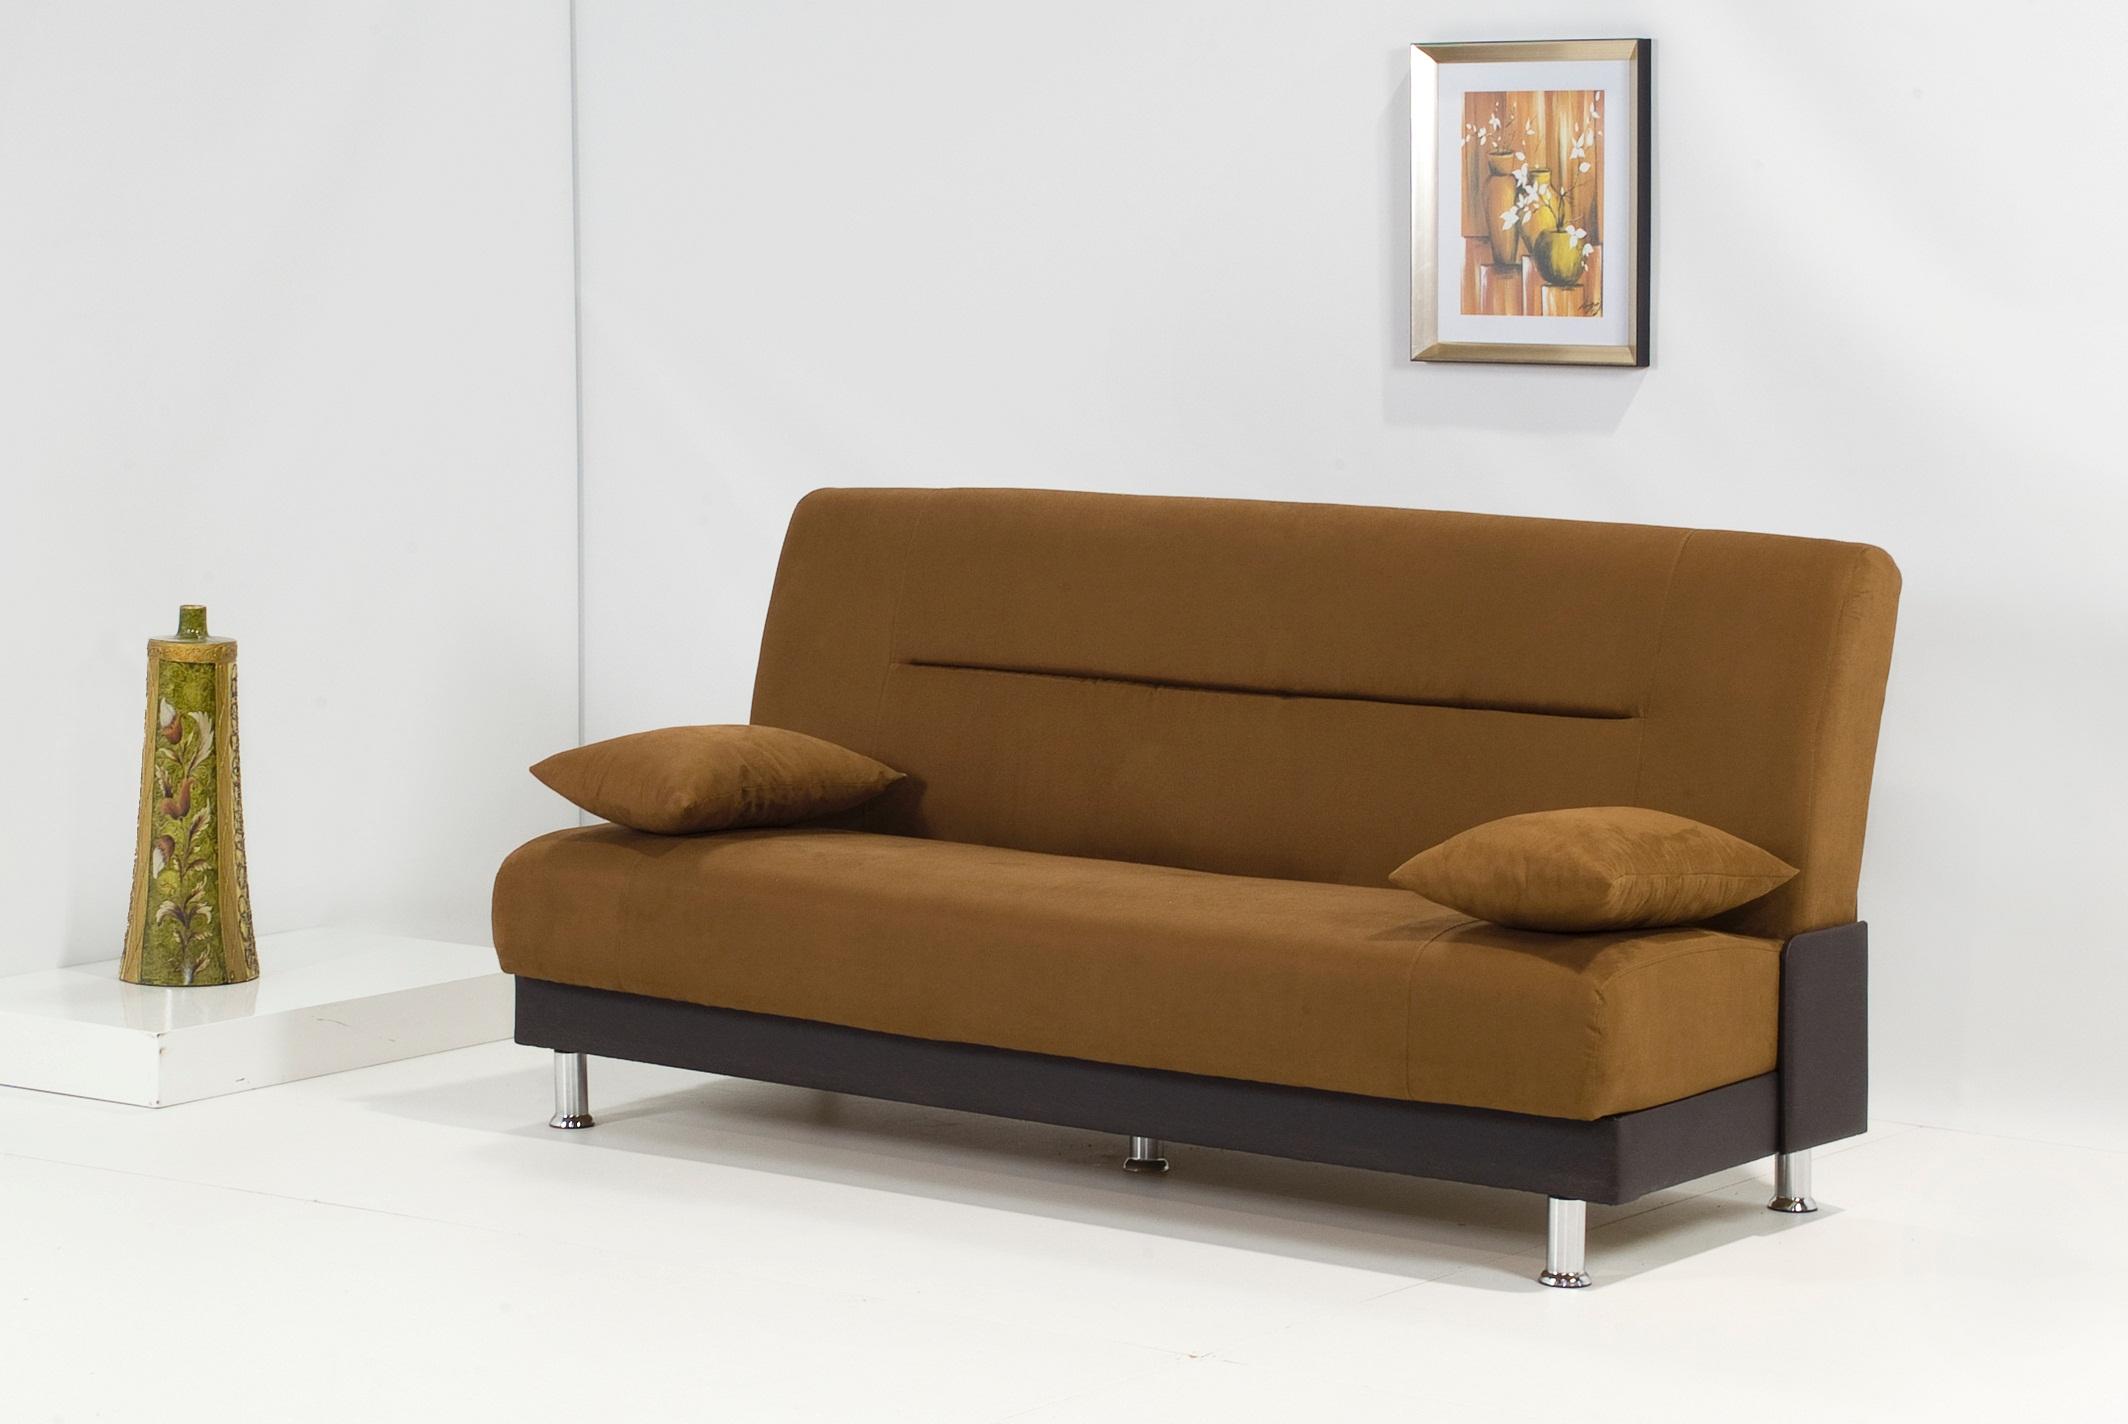 sleeper sofa bed photo - 8